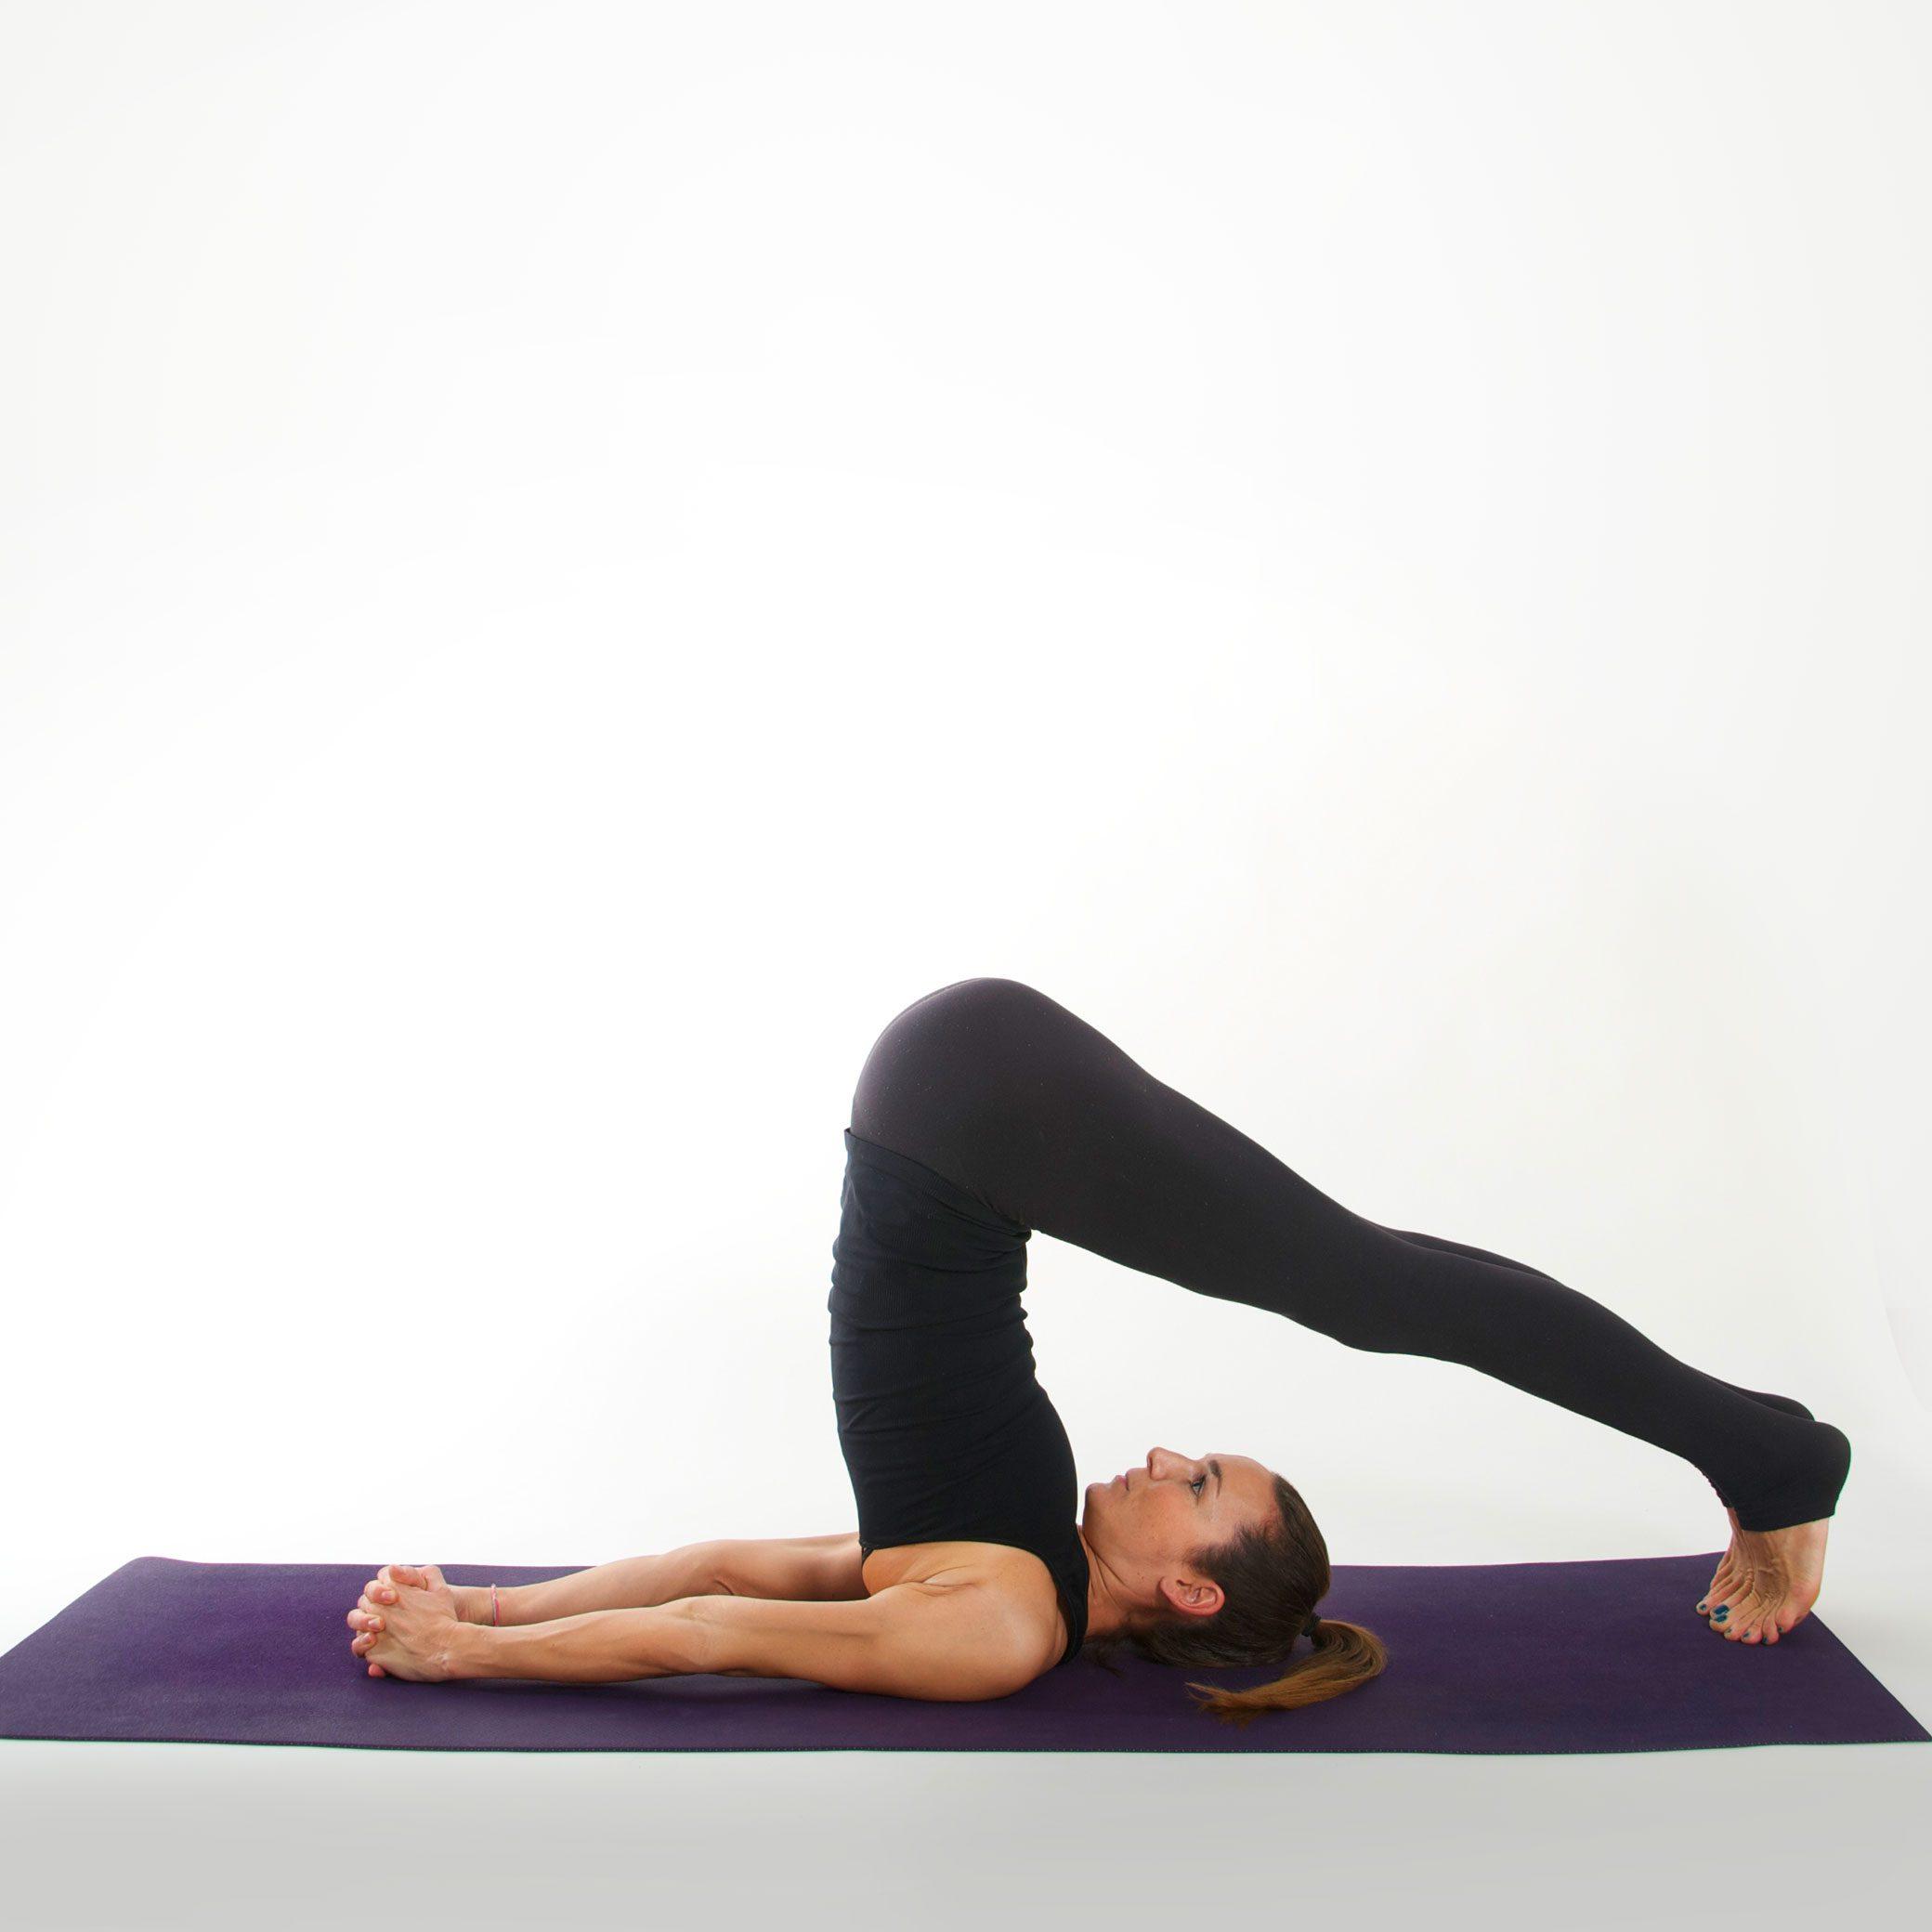 Yoga Asana I PFLUG I myyogaflows